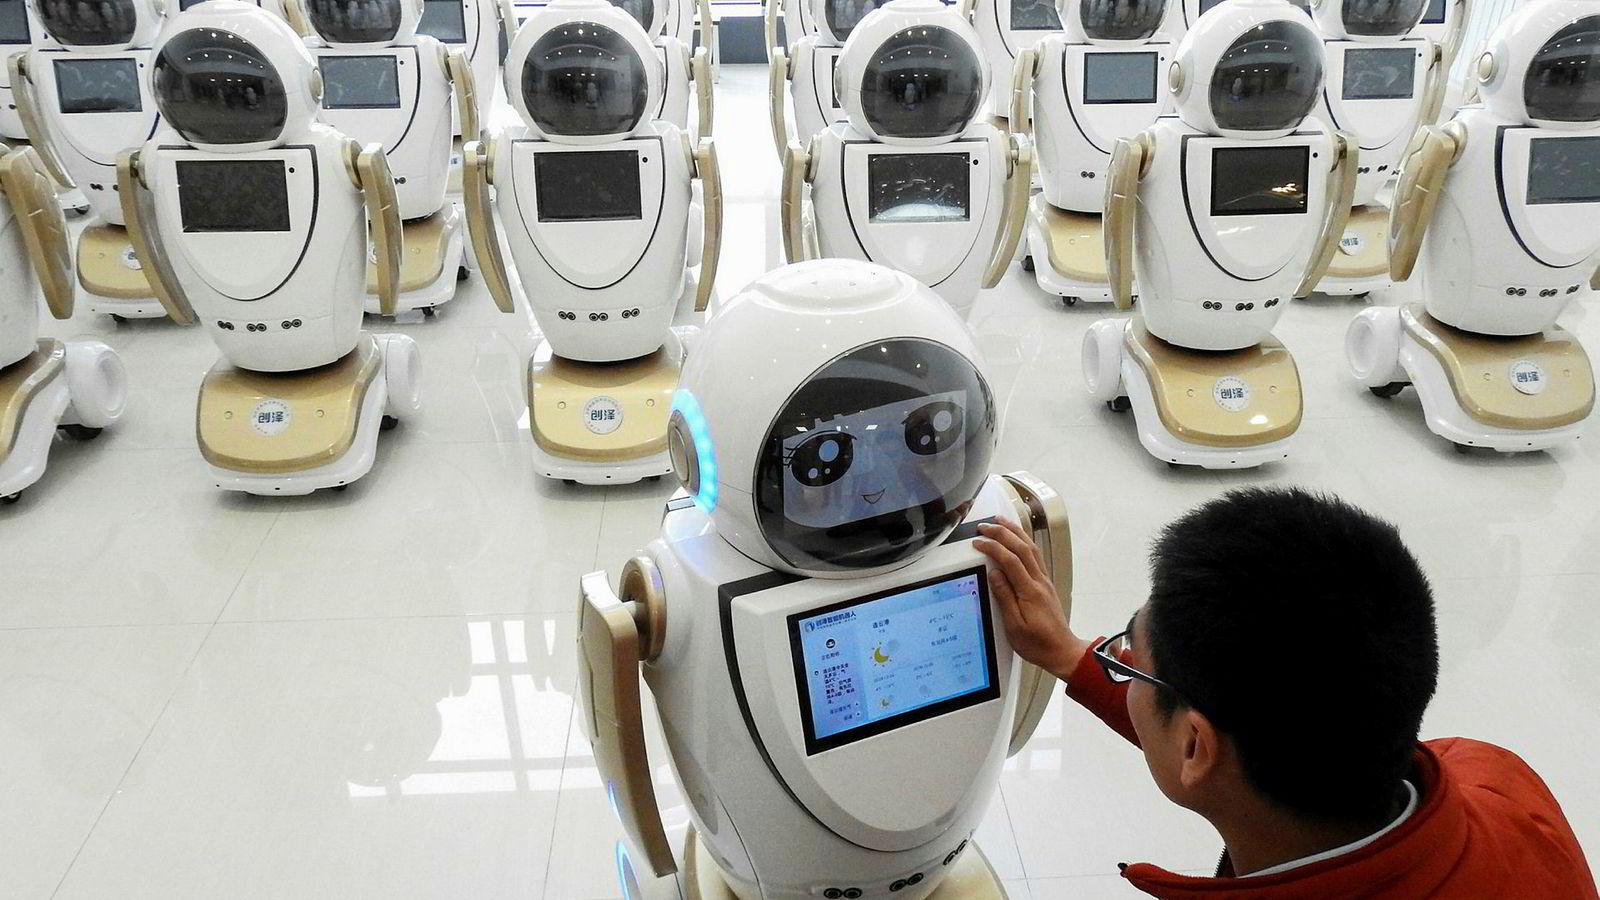 Kina har ambisjoner om å bli selvforsynt med teknologi til nøkkelsektorer innen 2025. Nå skal «Made in China 2025»-strategien endres – 40 år etter de første markedseksperimentene startet i Sør-Kina.